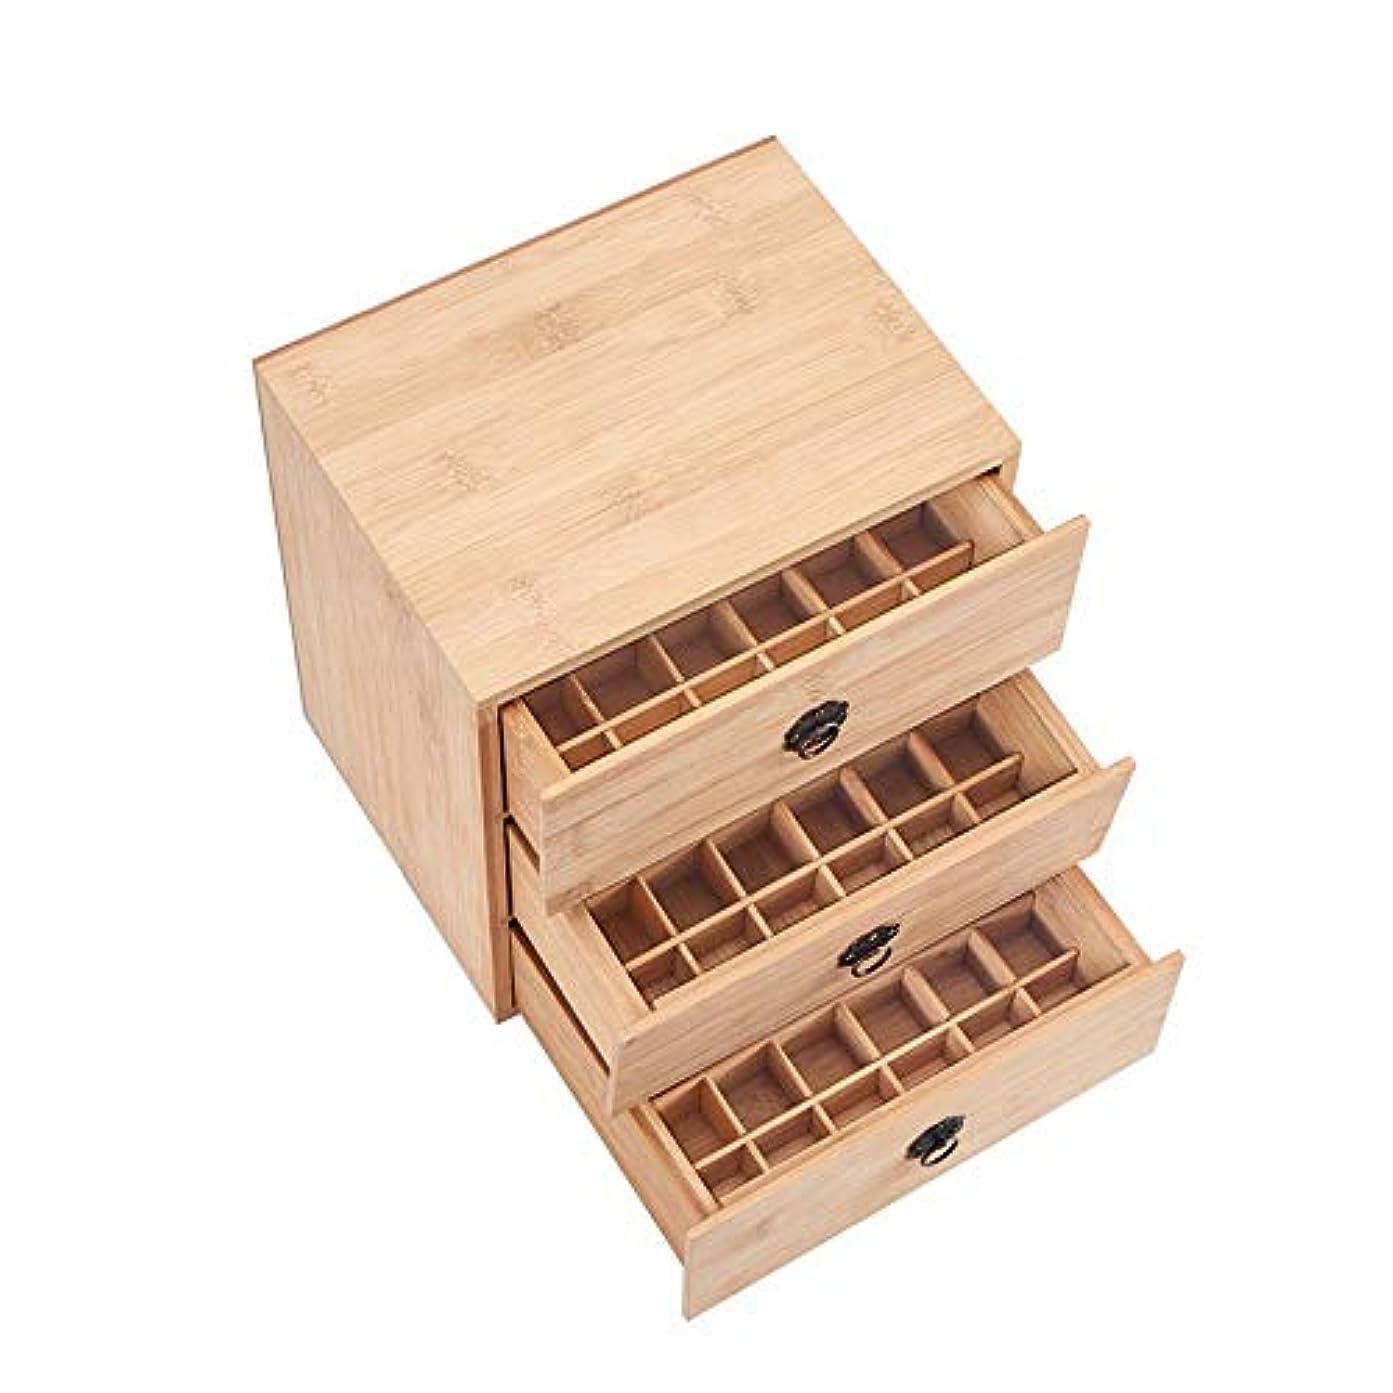 三角ご覧くださいモードエッセンシャルオイルの保管 90本のスロット木エッセンシャルオイルボックス3ティア15/10/5 M1のボトルナチュラル竹 (色 : Natural, サイズ : 24.5X20X26CM)